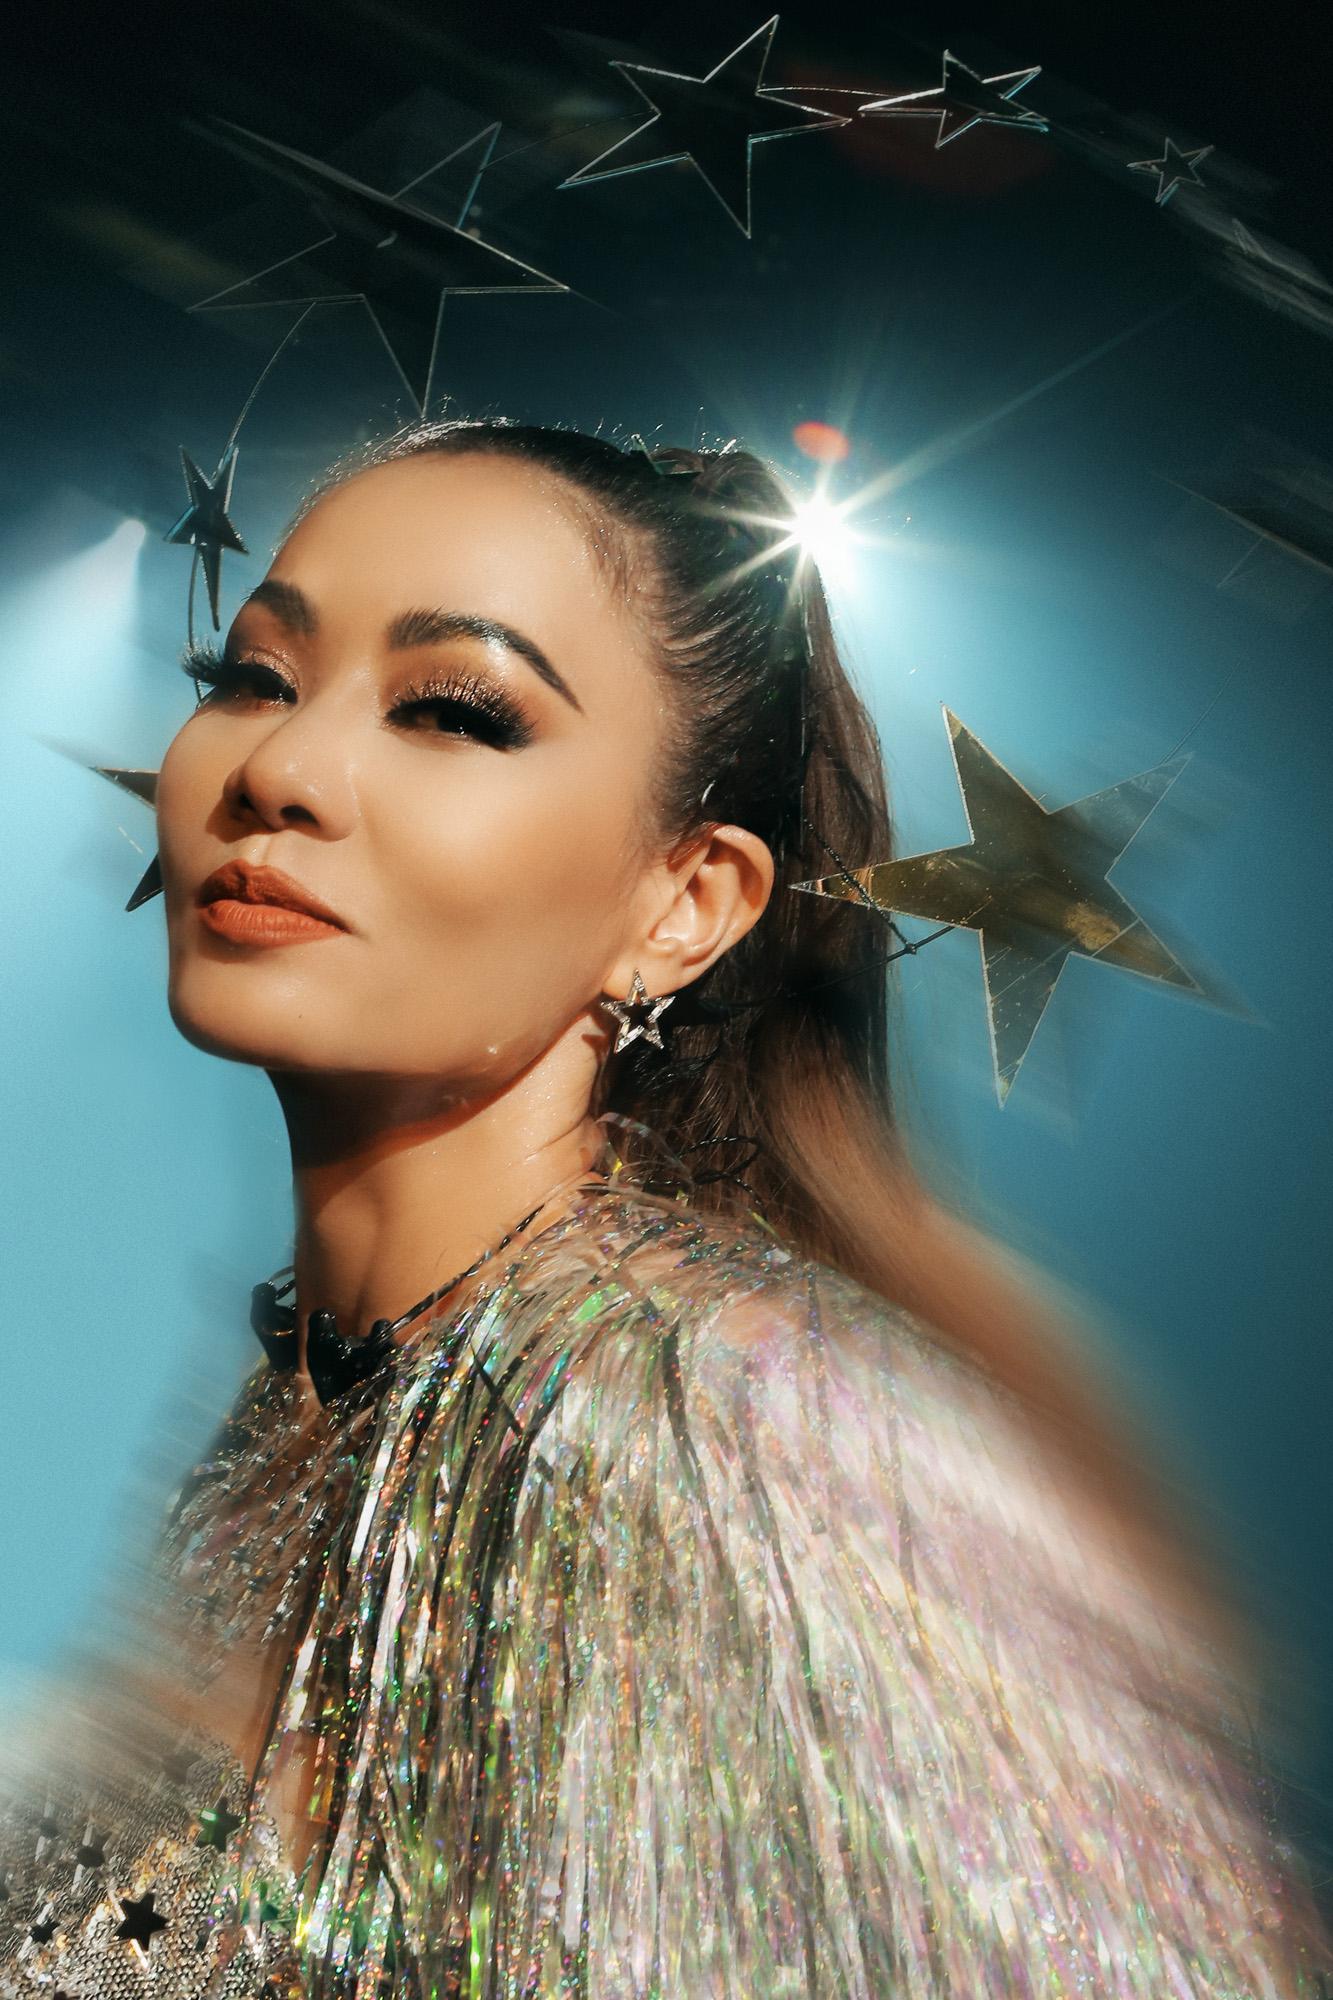 Bí ẩn các thiết kế lấp lánh của ca sĩ Thu Minh trong 'I AM DIVA' Ảnh 12